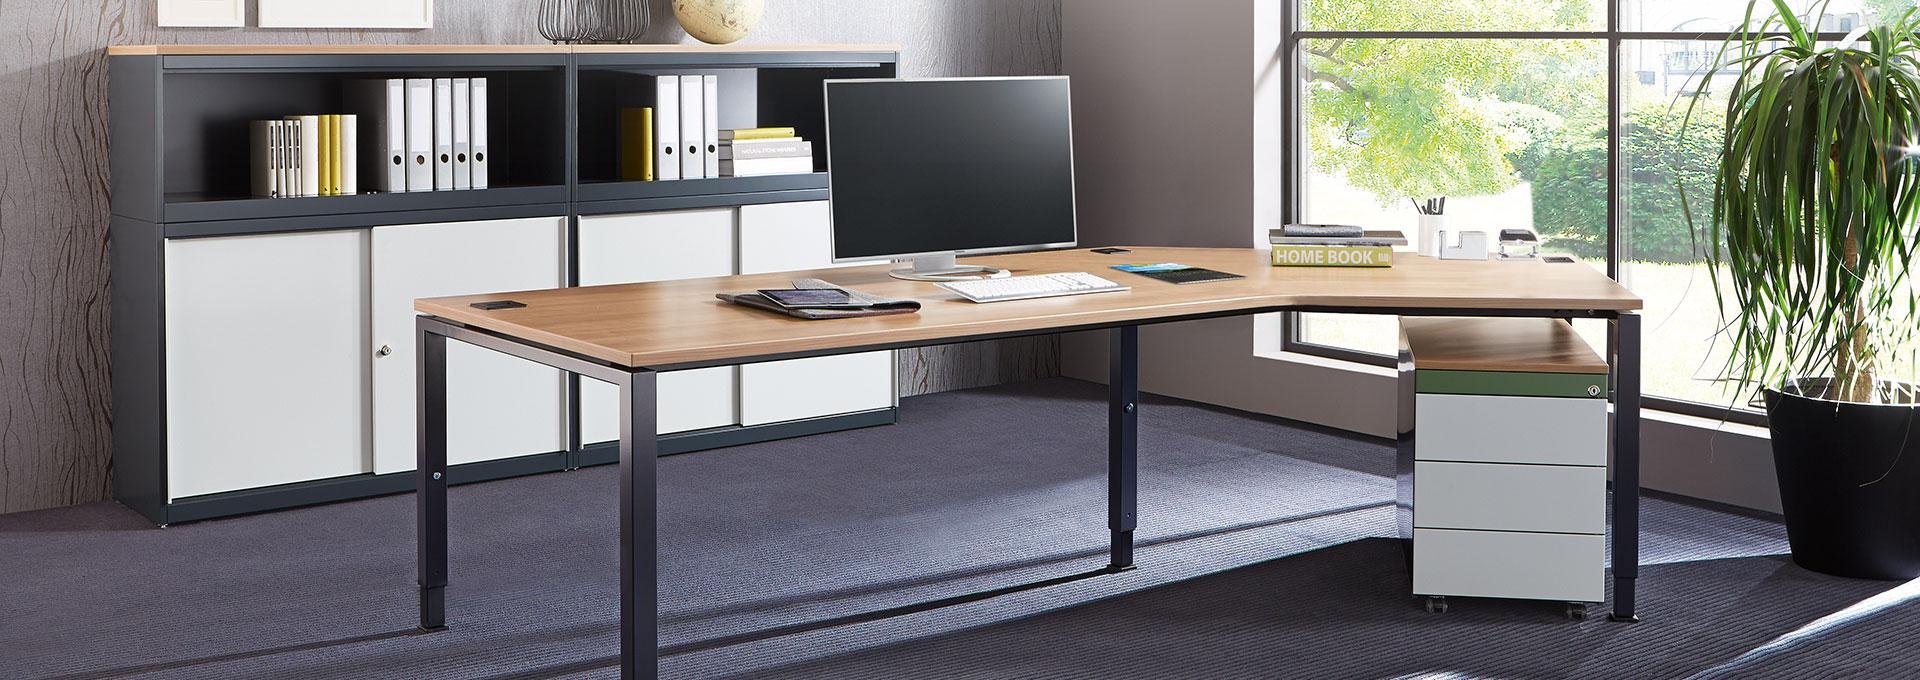 Schreibtisch-Arbeitstisch-Winkelansatz-arcos-mauser-slider